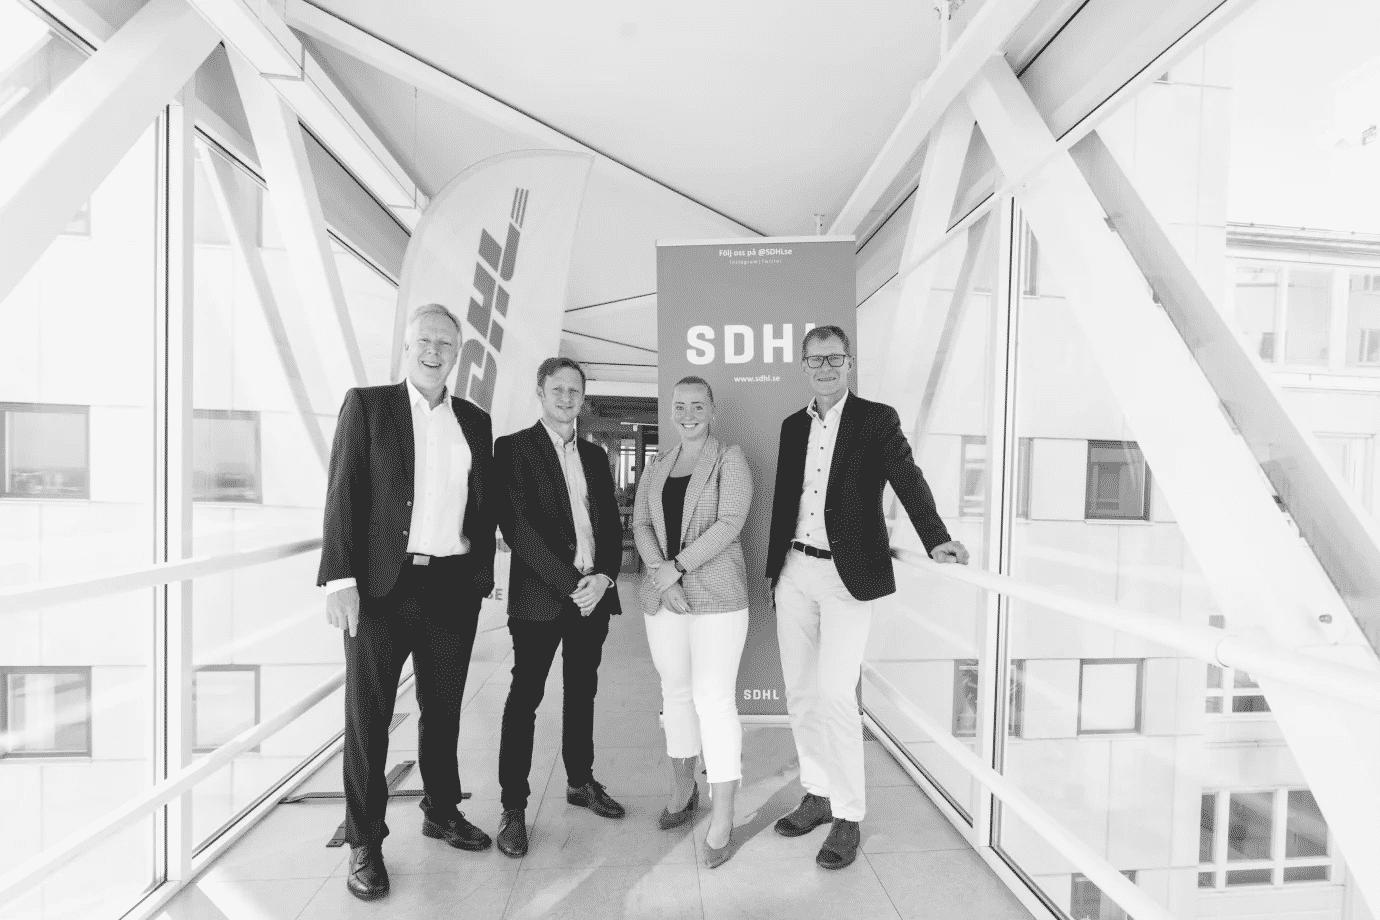 """DHL går in som huvudsponsor till SDHL: """"Hoppas kunna hjälpa svensk damhockey växa"""""""